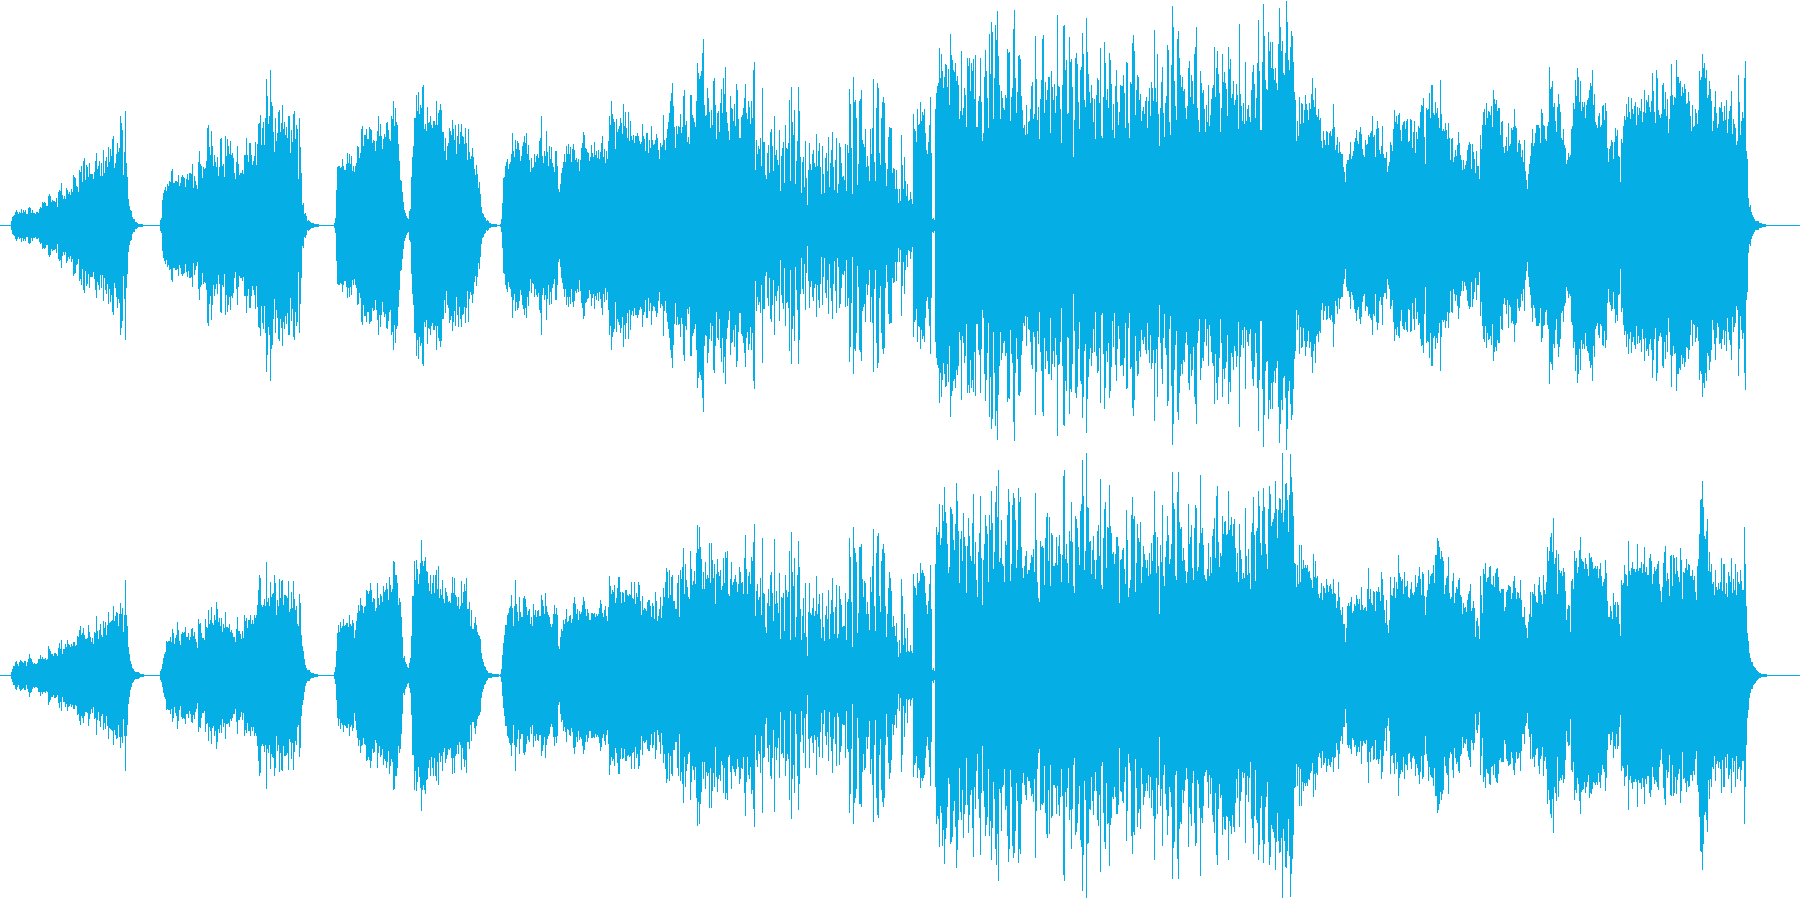 攻殻機動隊?ブルガリアンヴォイスのEDMの再生済みの波形